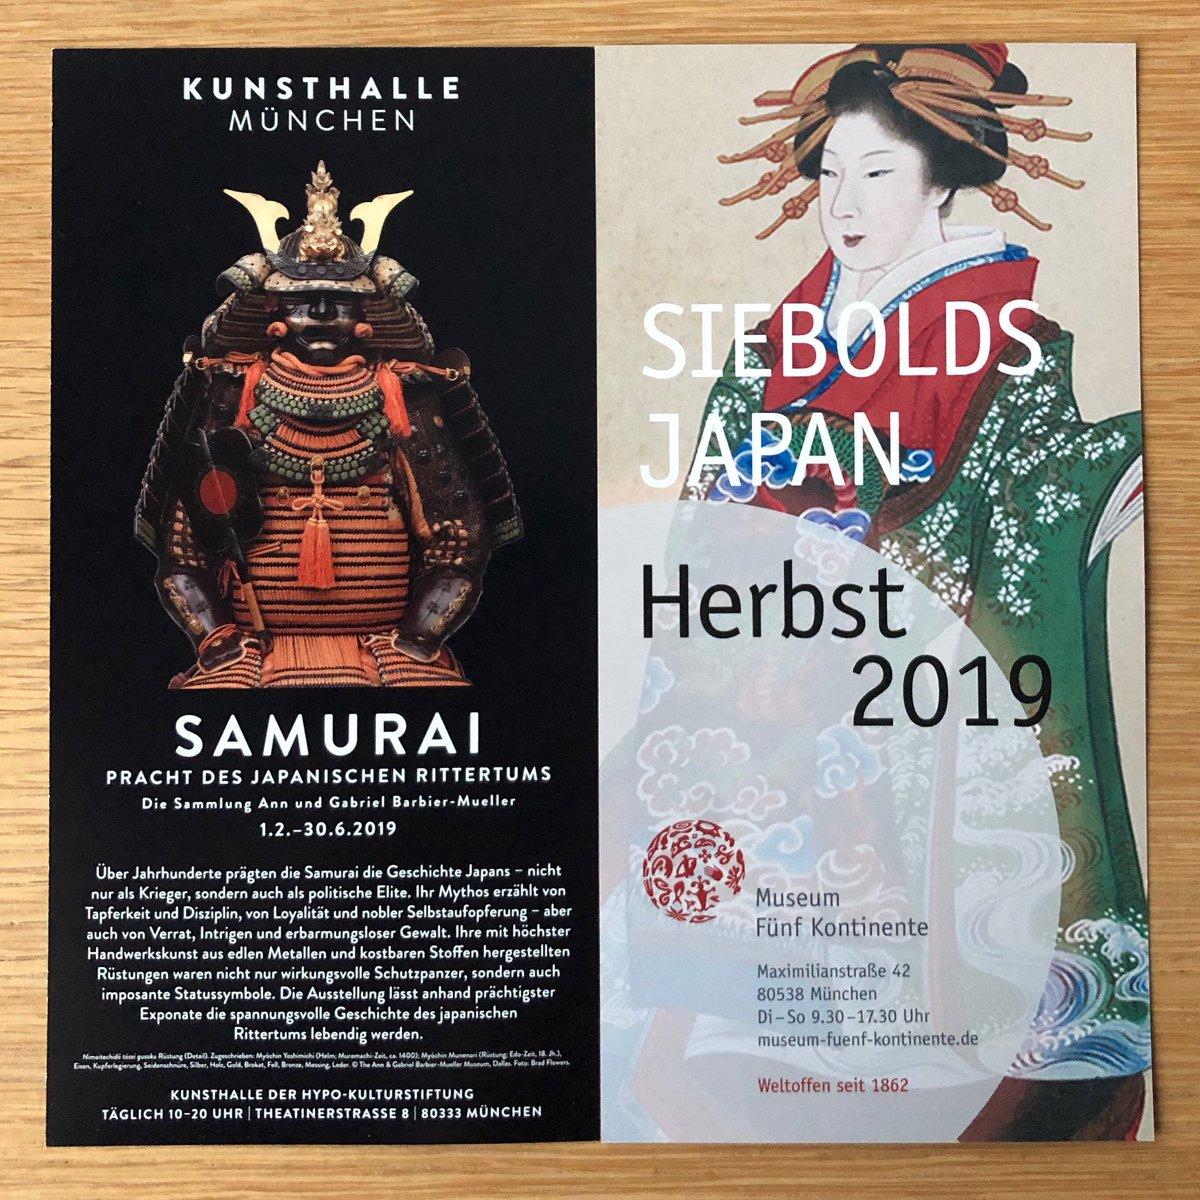 Samurai ausstellung münchen